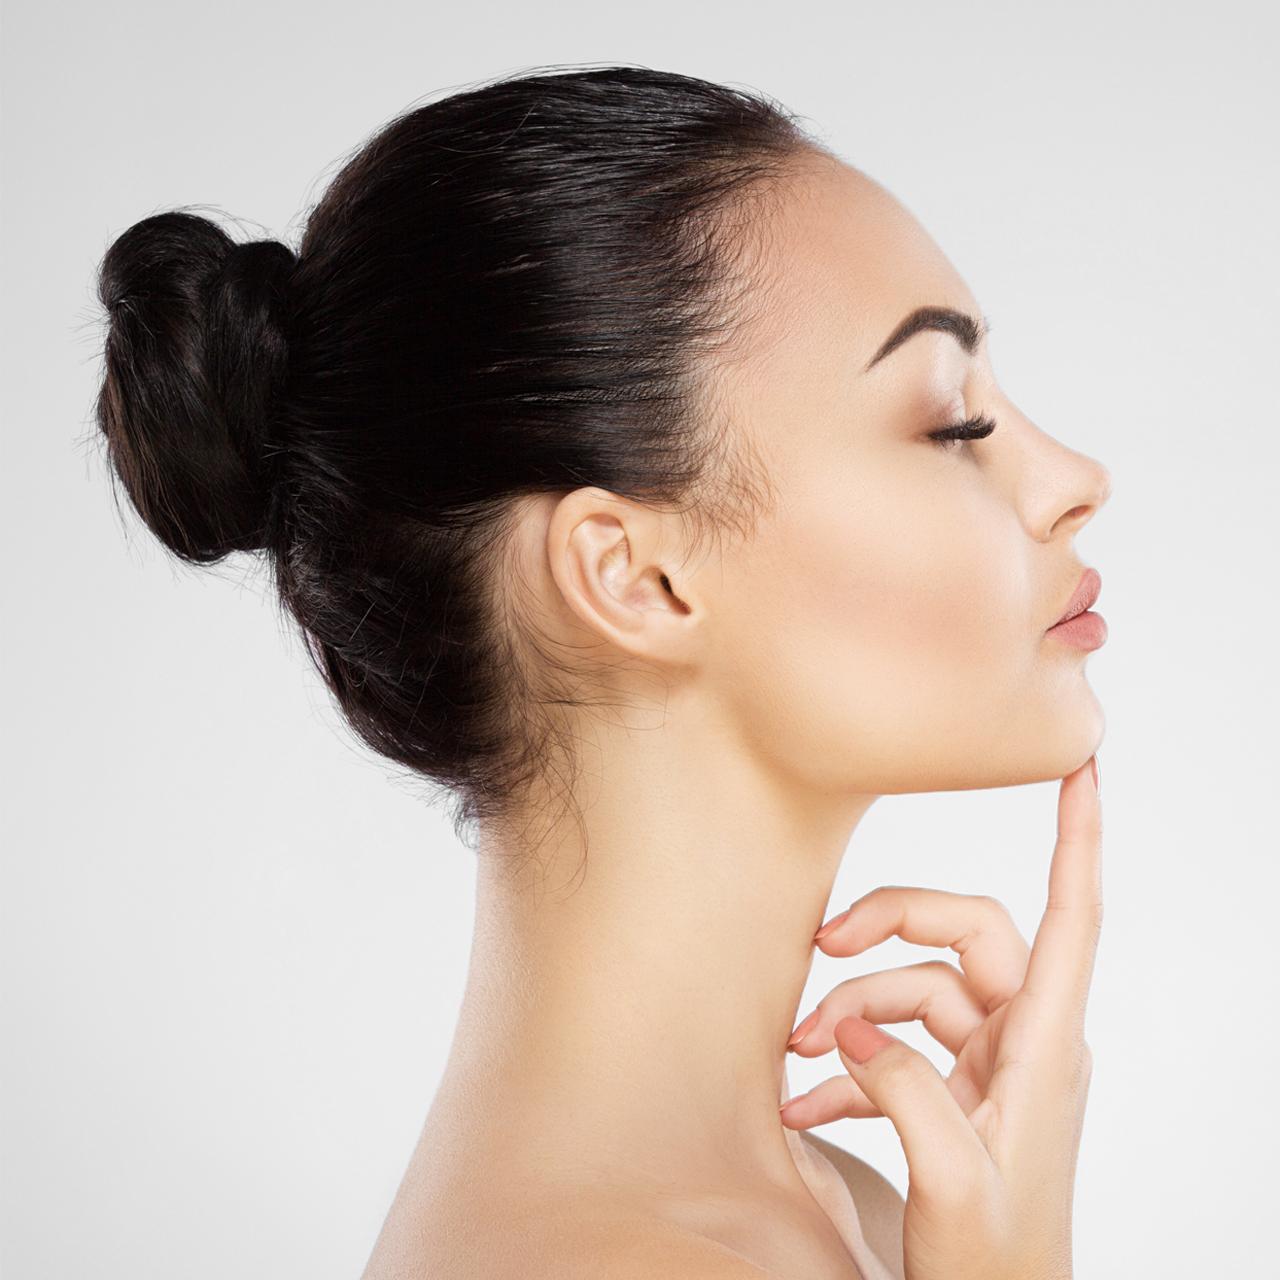 Skincare treatment clinic patient